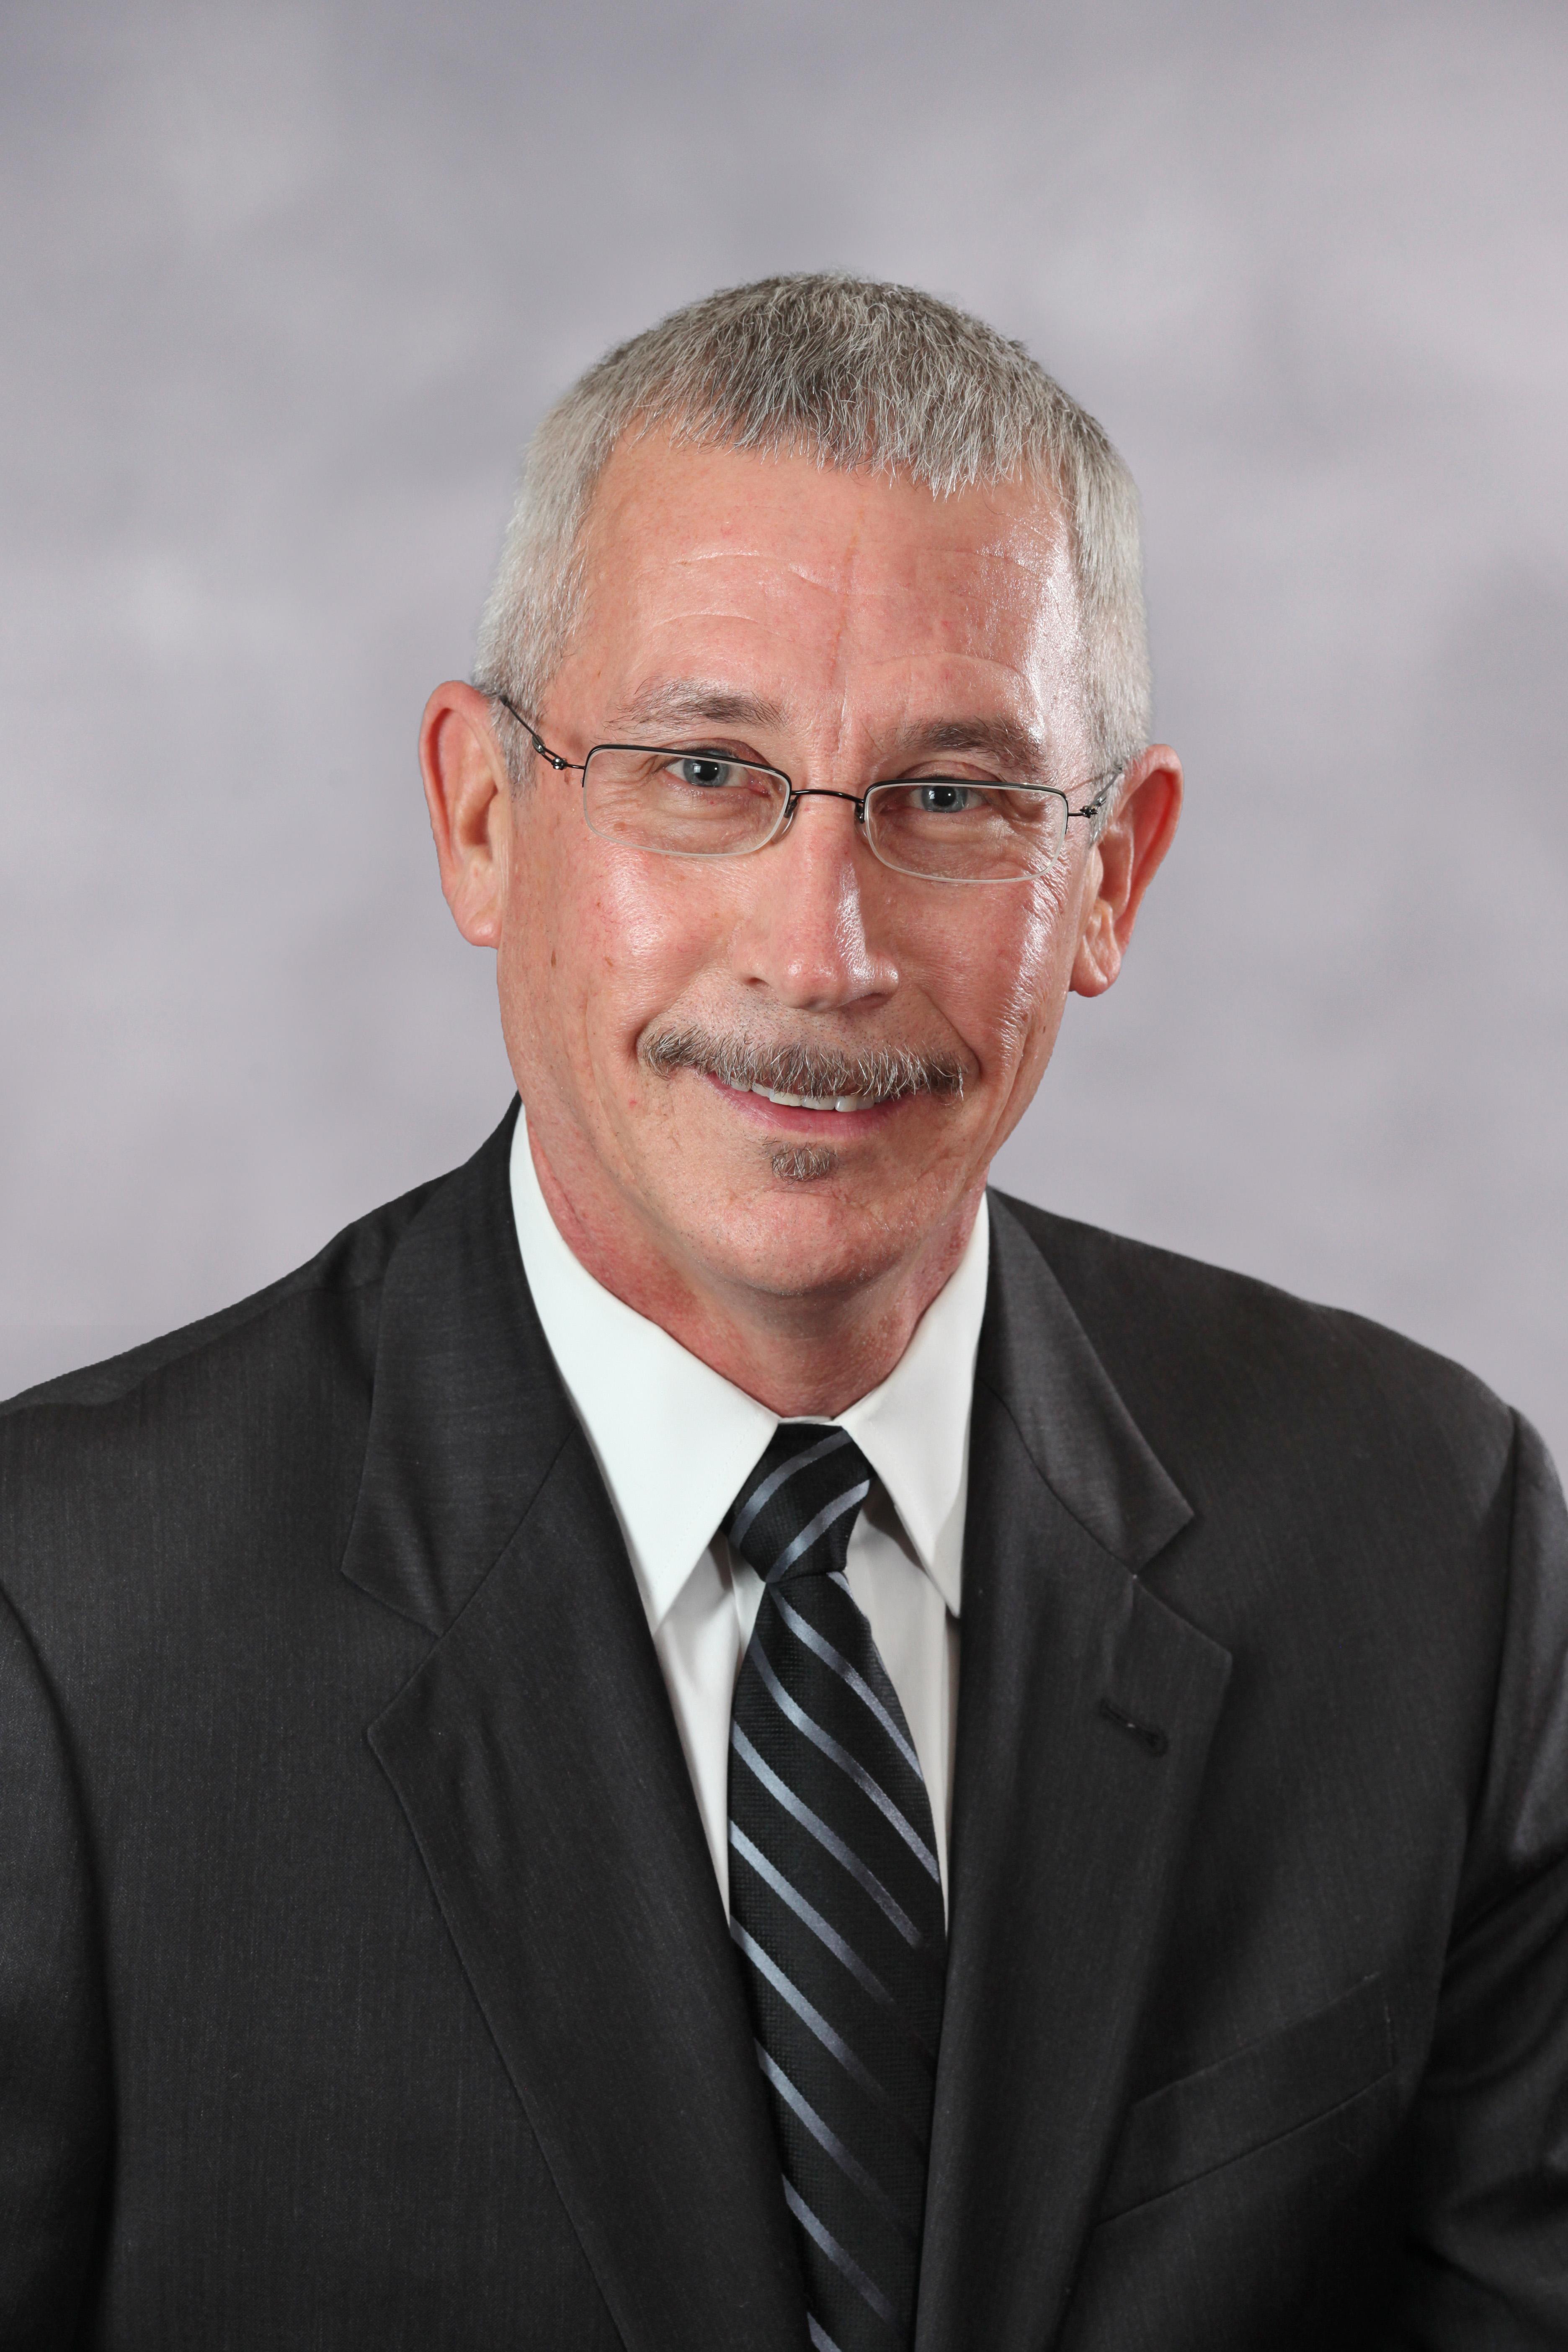 Brett C. Mellinger MD - Urologist